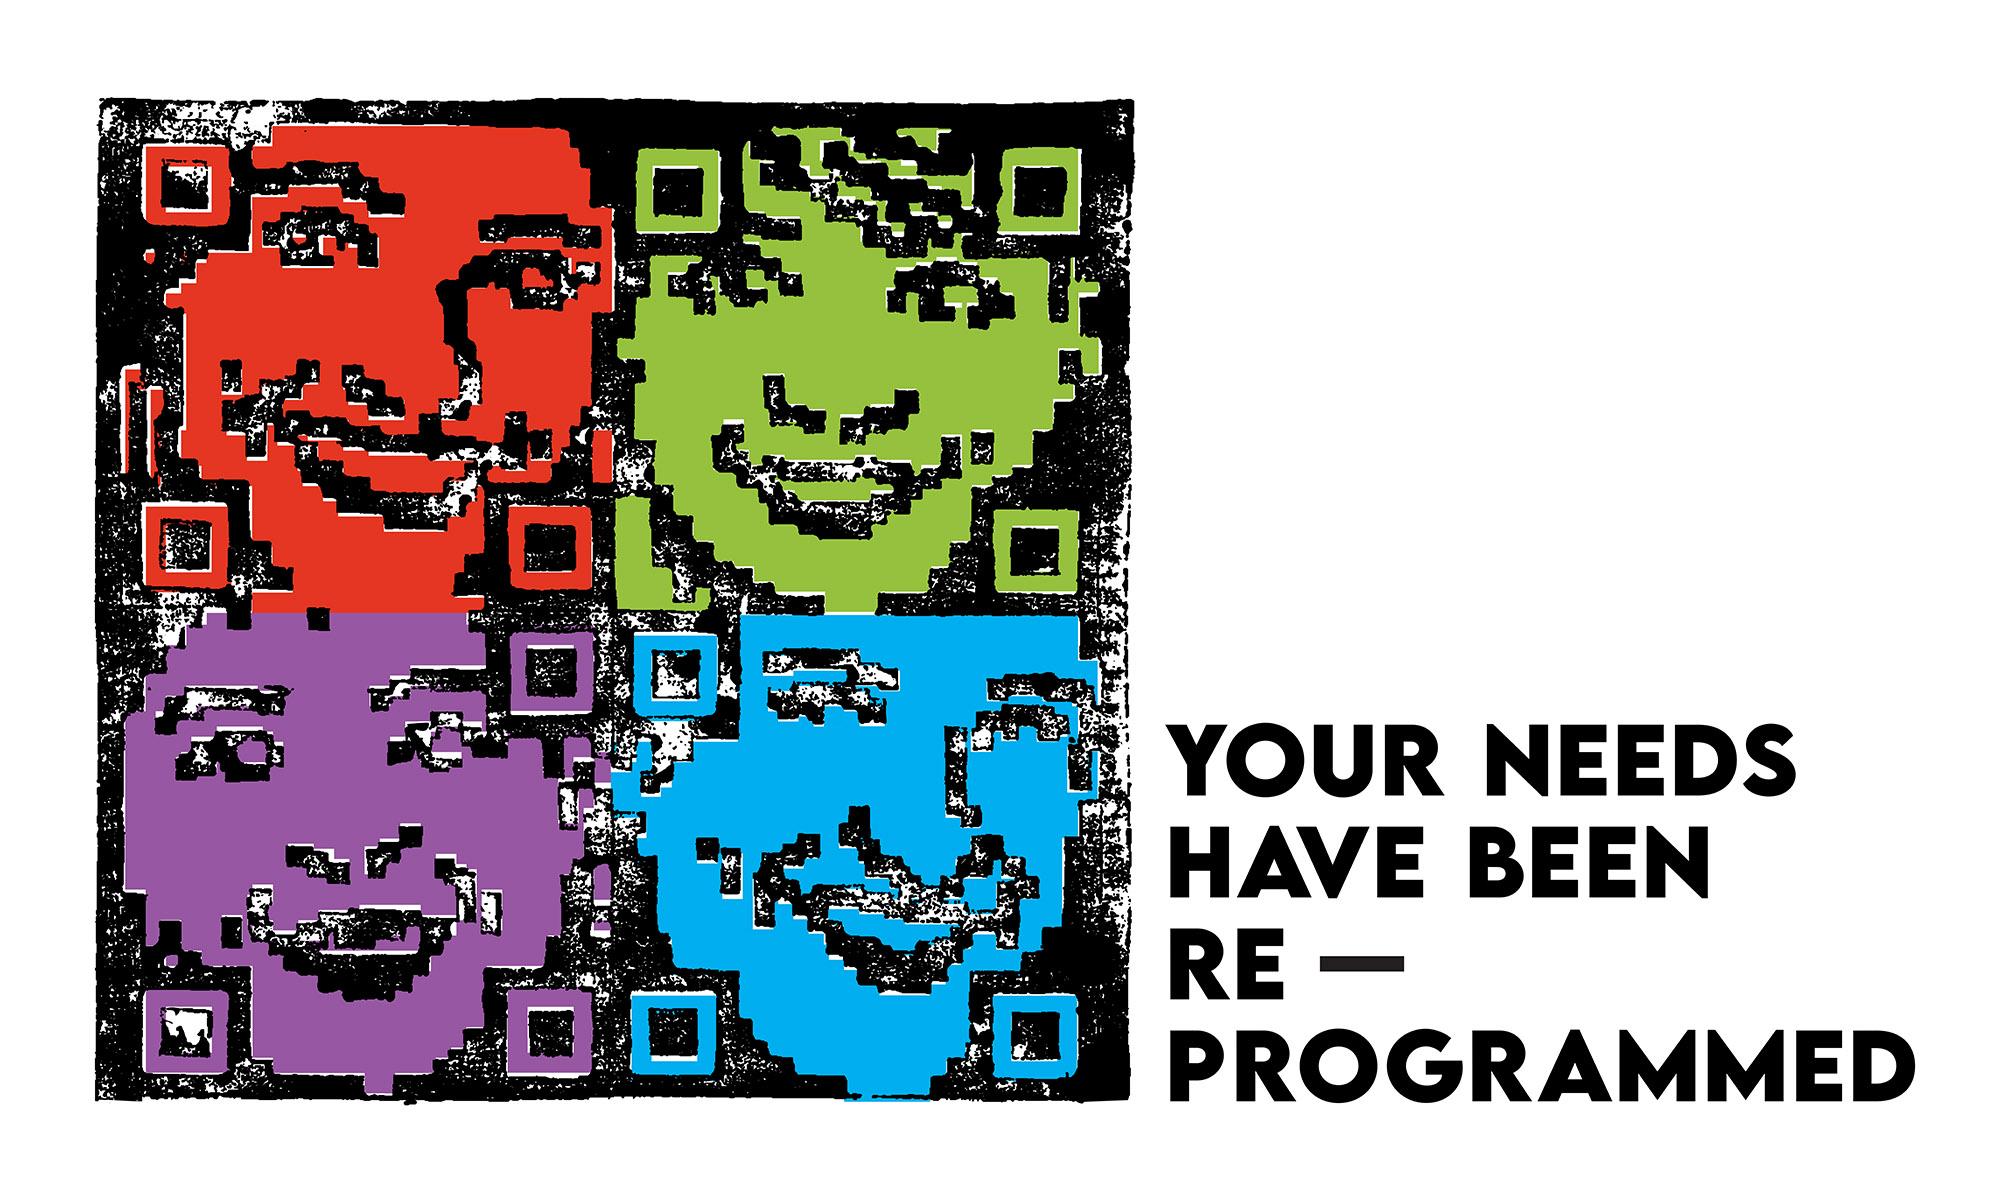 Reprogrammed consumer